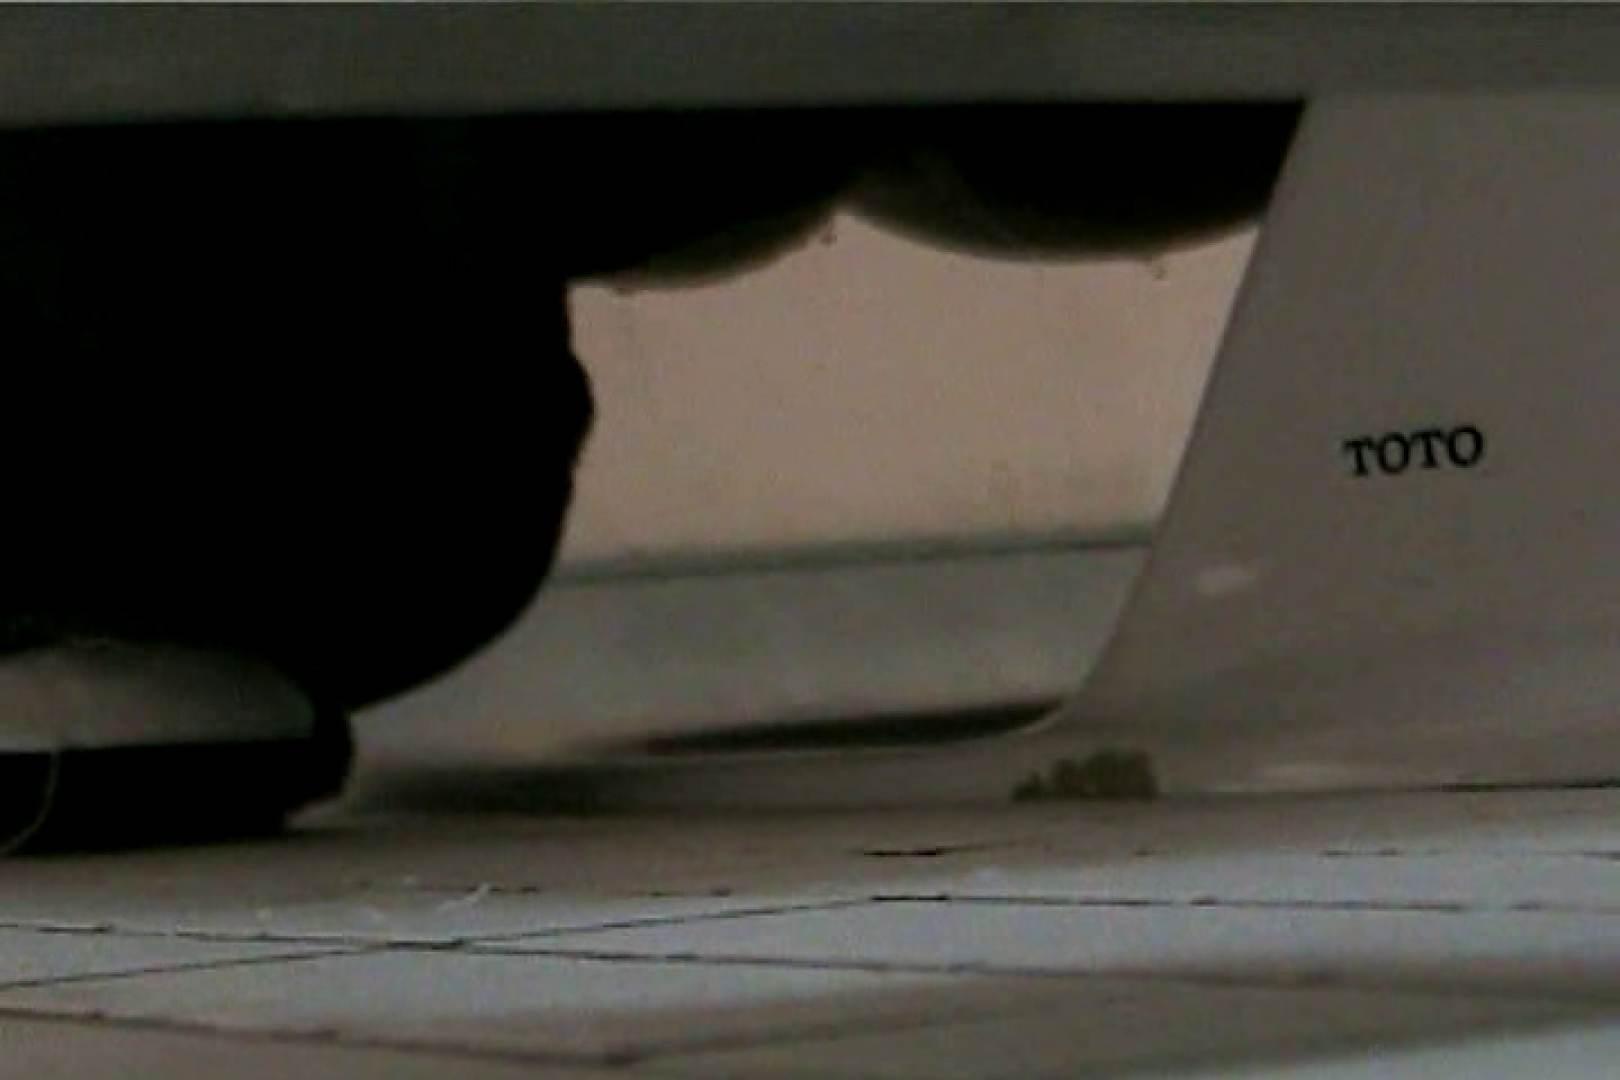 マンコ丸見え女子洗面所Vol.42 おまんこ無修正 のぞき動画キャプチャ 100画像 93